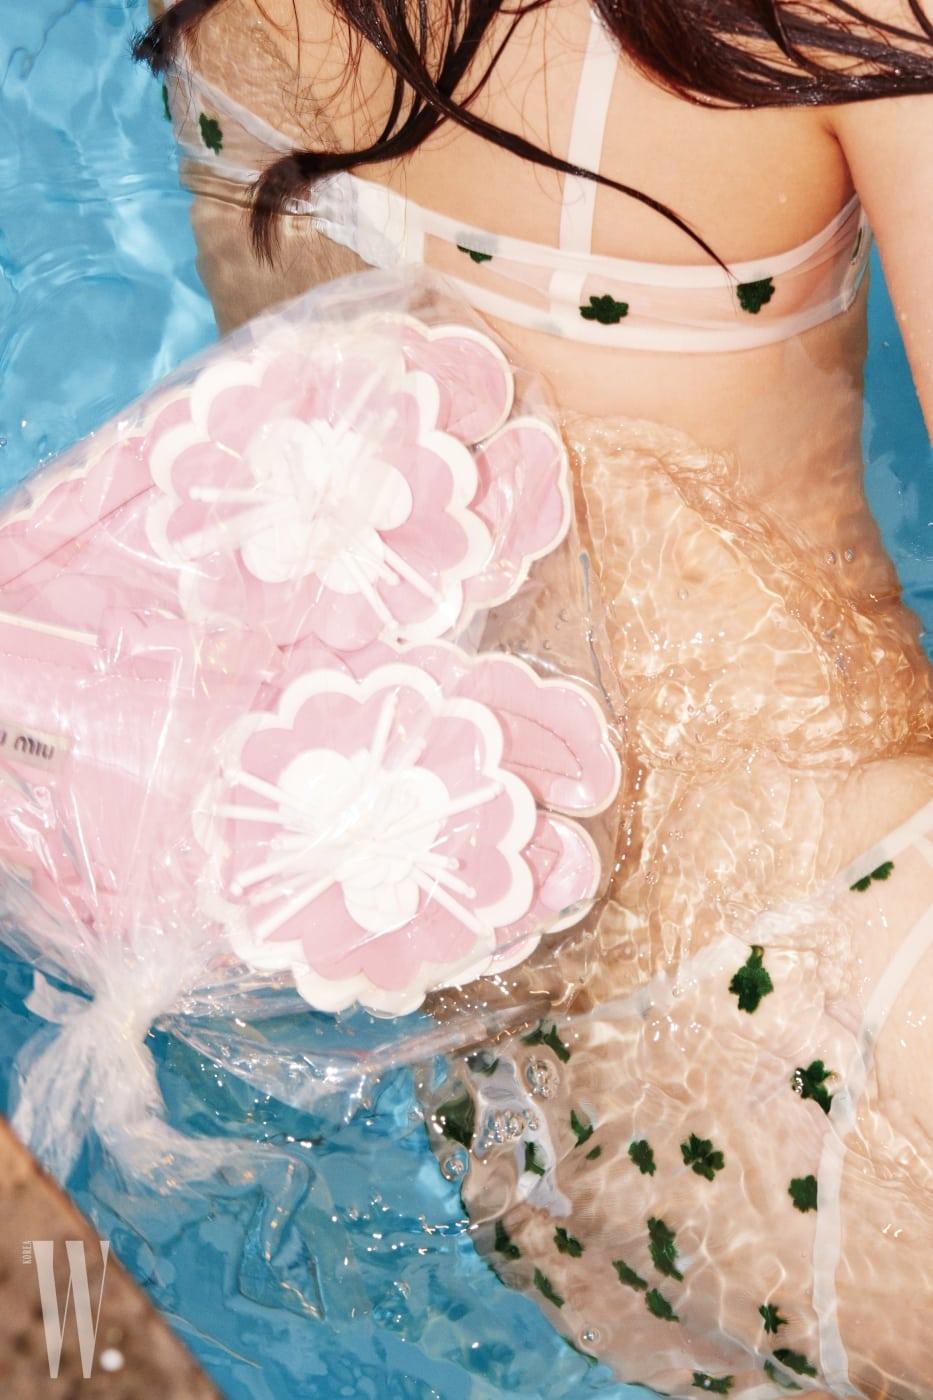 클로버 자수 장식 언더웨어는 앤아더스토리즈 제품. 가격 미정. 꽃 장식 슬리퍼는 미우미우 제품. 1백20만원.